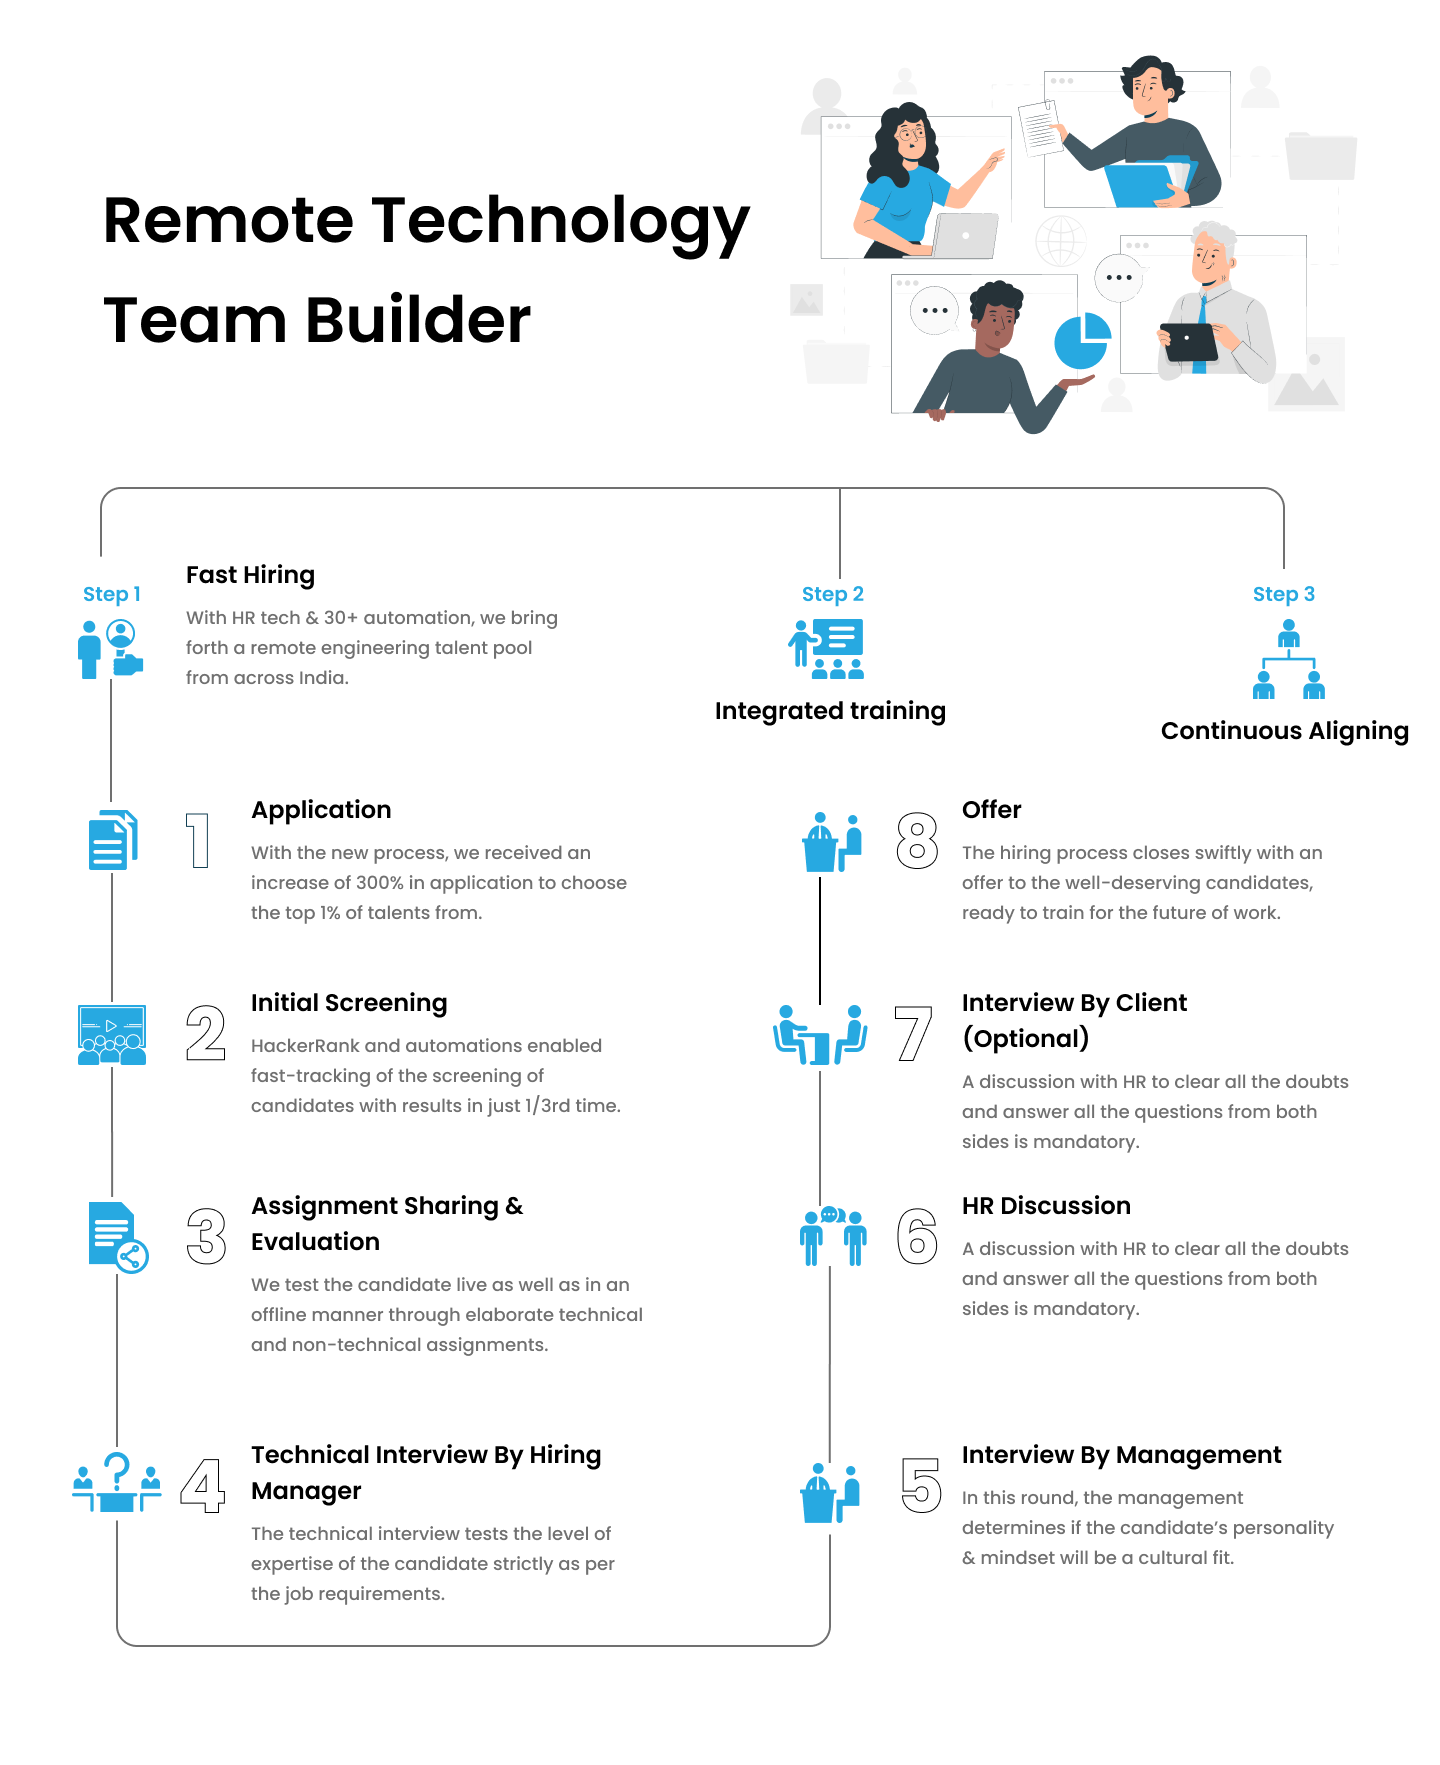 Remote Technology Team Builder